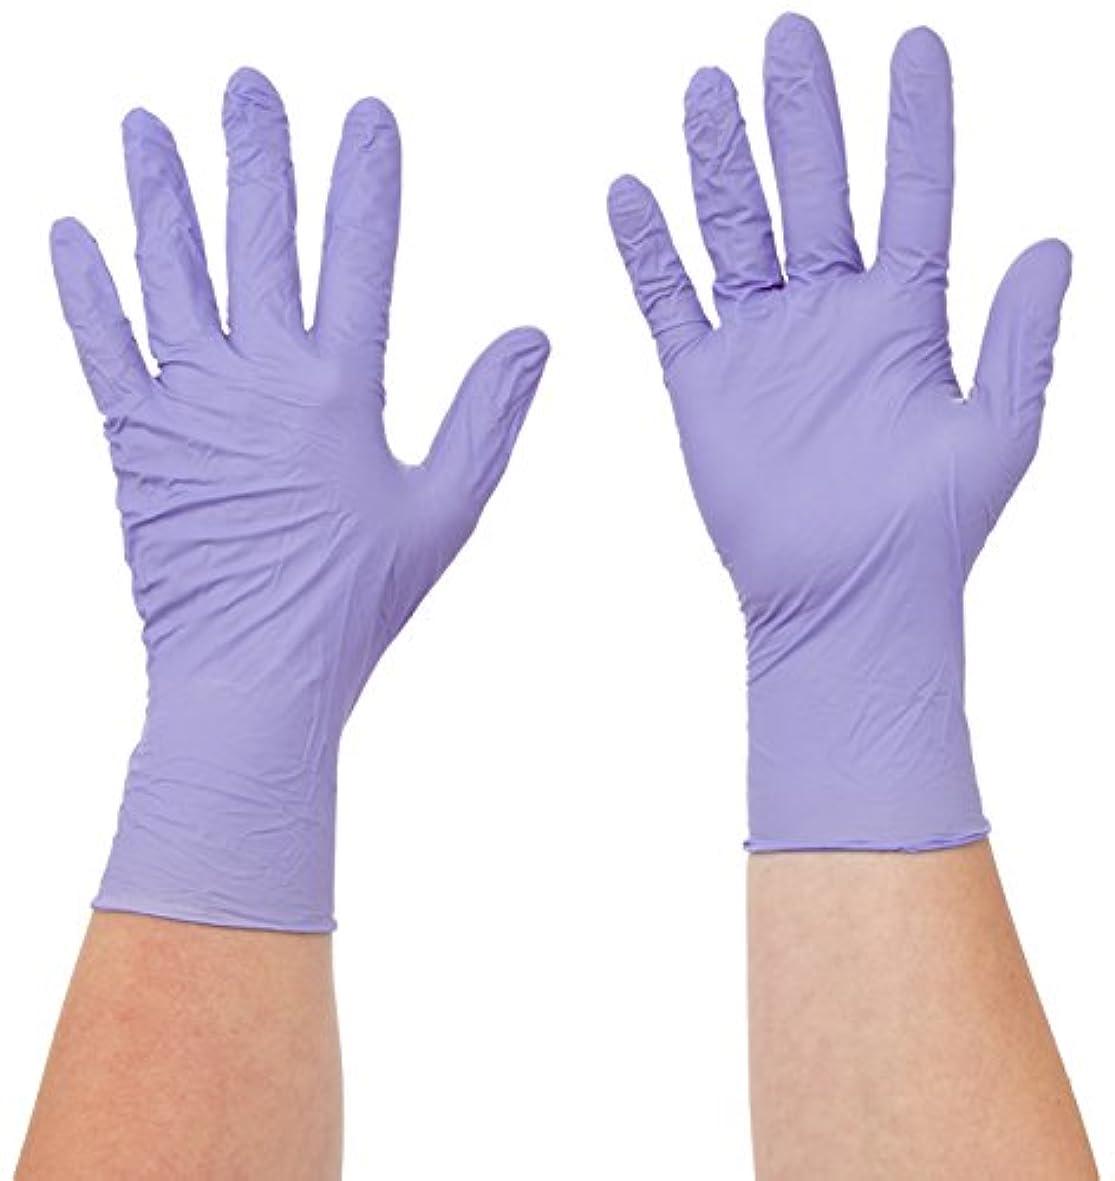 野球バイオレット円形のSemperit 使い捨てニトリル手袋 Xtra Lite 0.14mm 粉無(入数:200枚) 3000001619